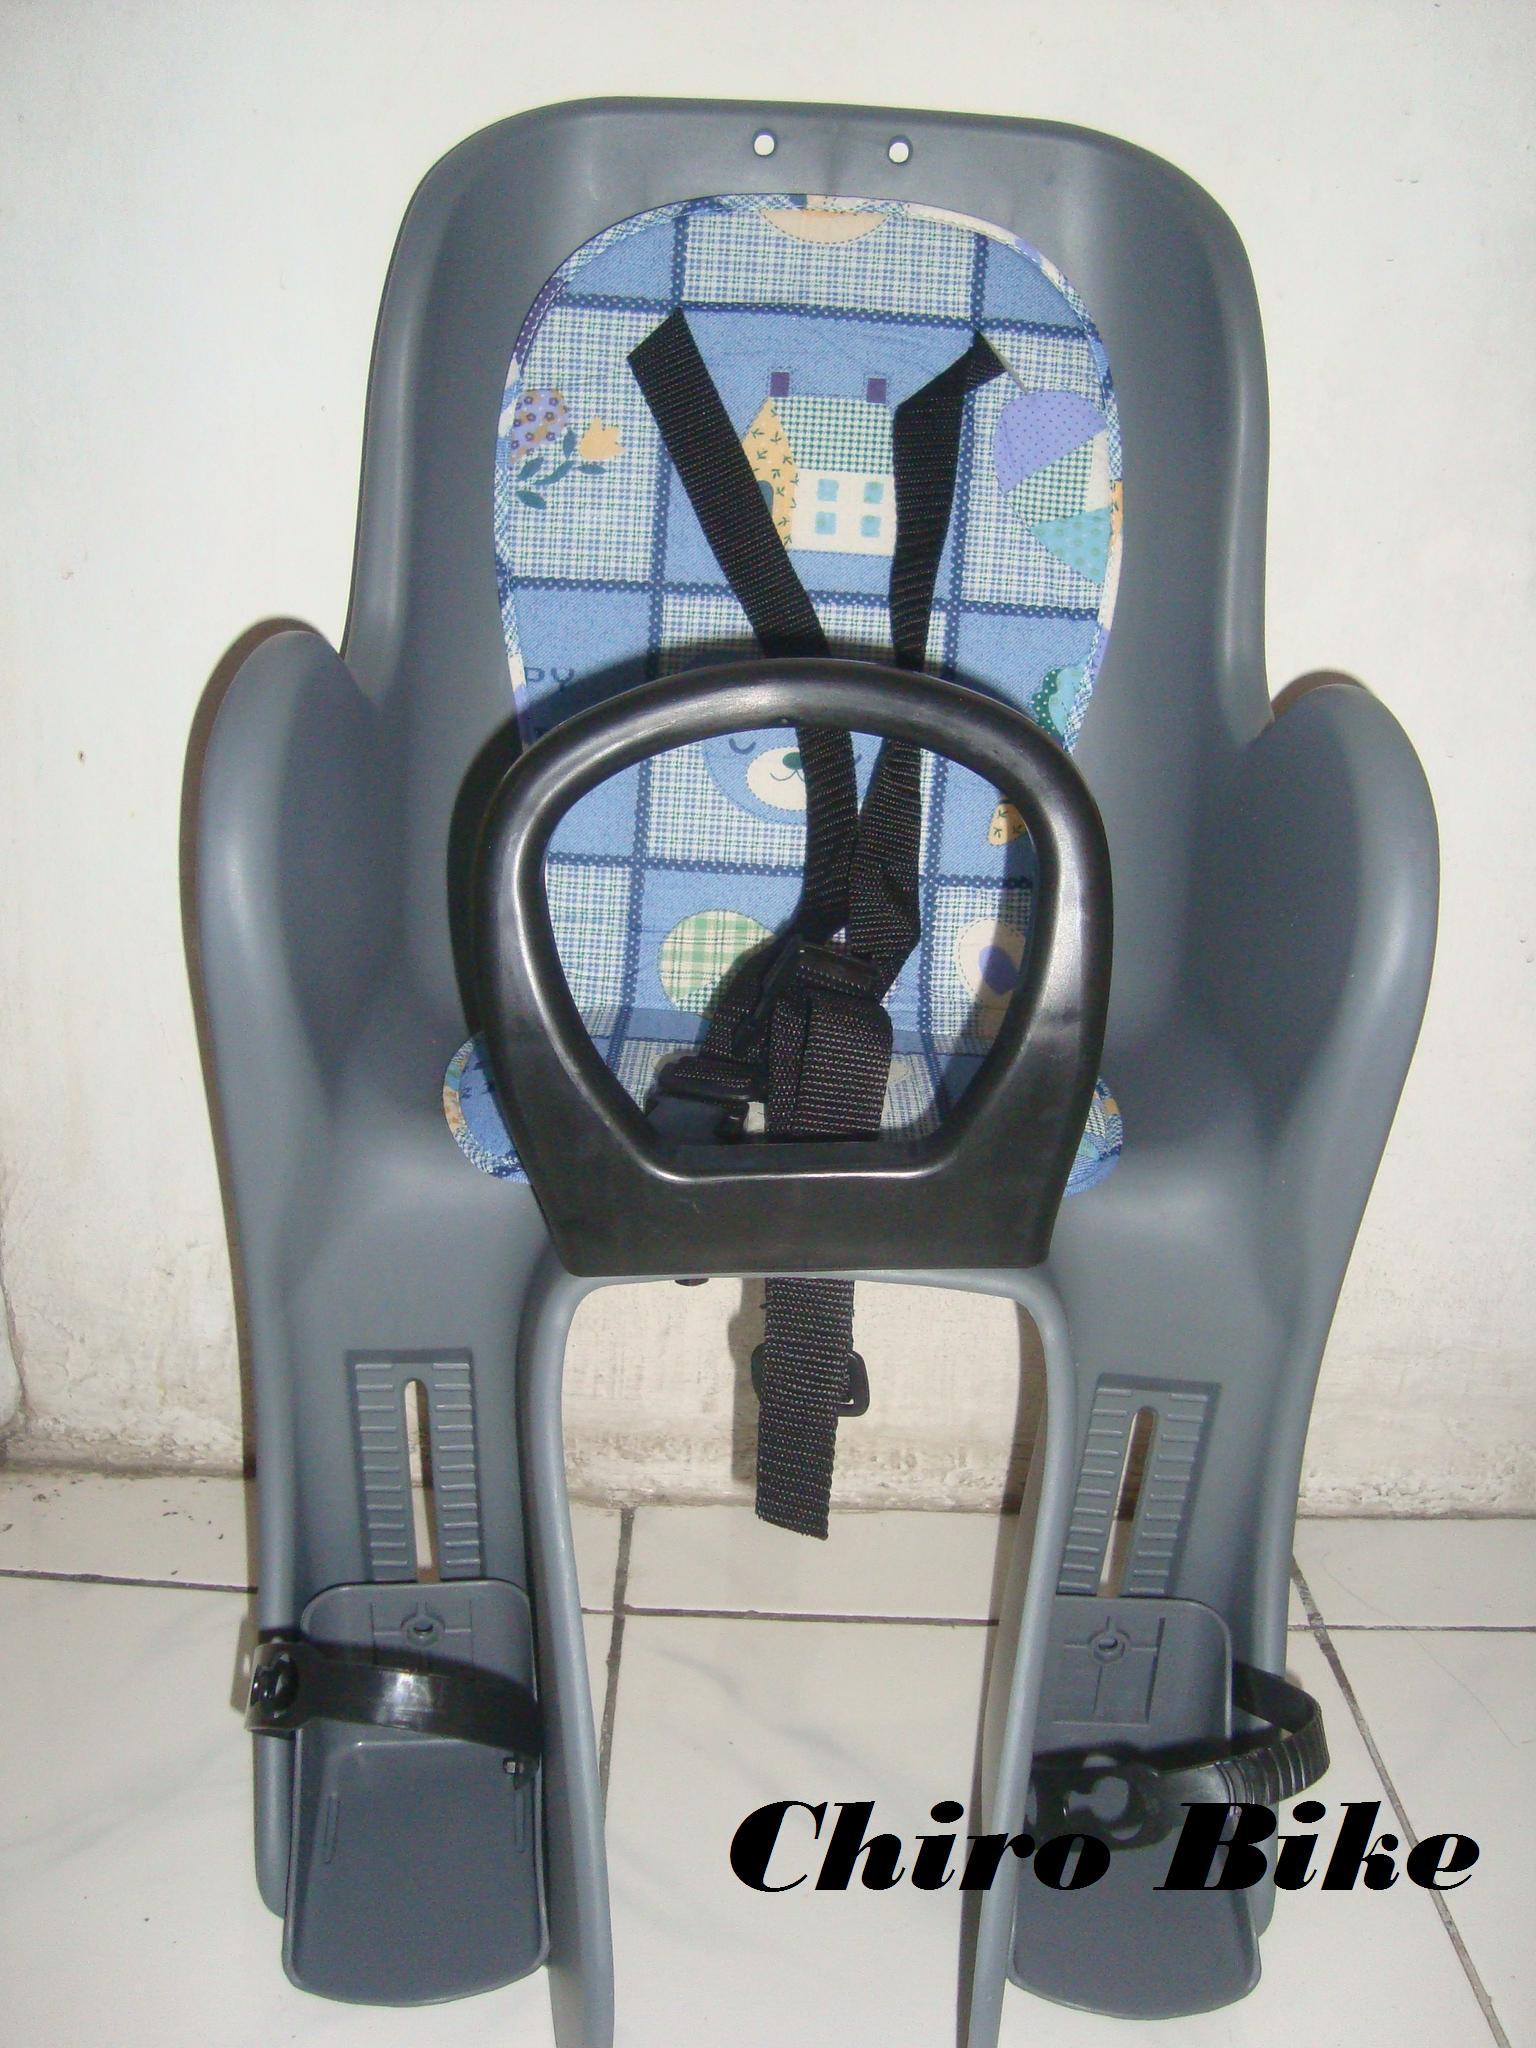 Jual Kursi Boncengan Bayi Di Sepeda Motor Daftar Harga Terlengkap Anak Bonceng Matic Surabaya Jualo Source Belakang Taiwan B